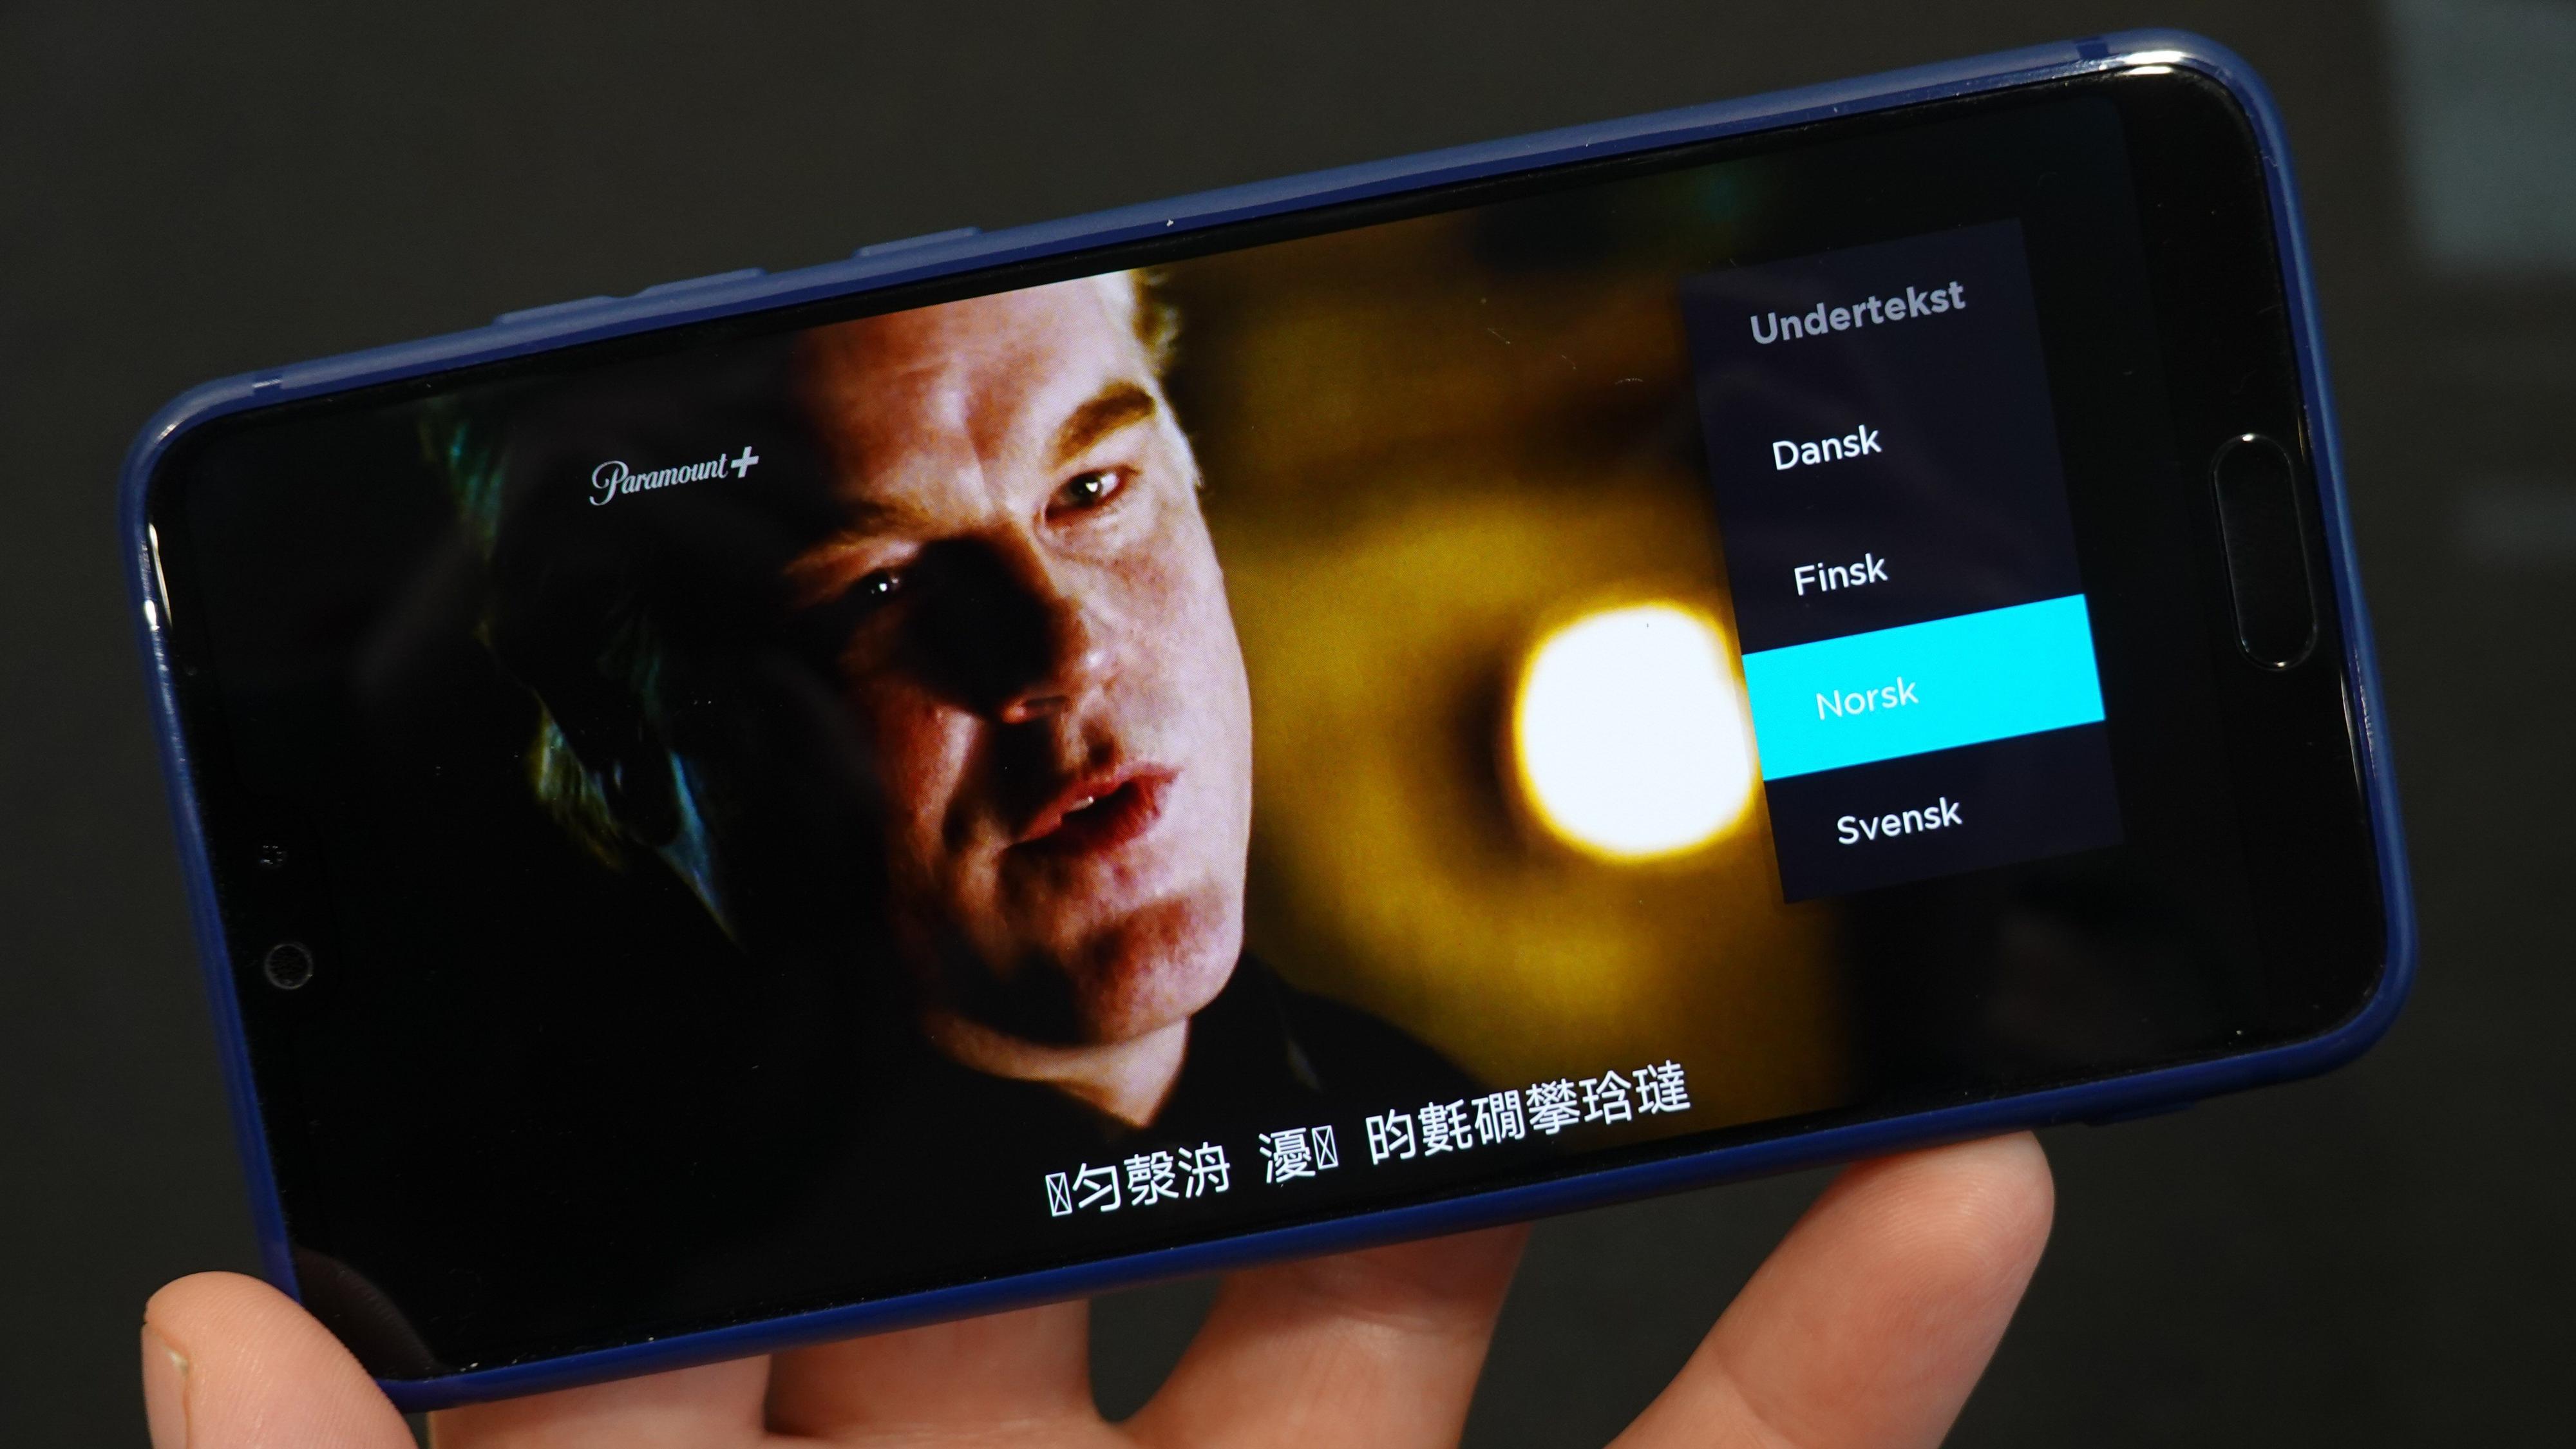 Får «kinesiske» undertekster på Huawei-mobil